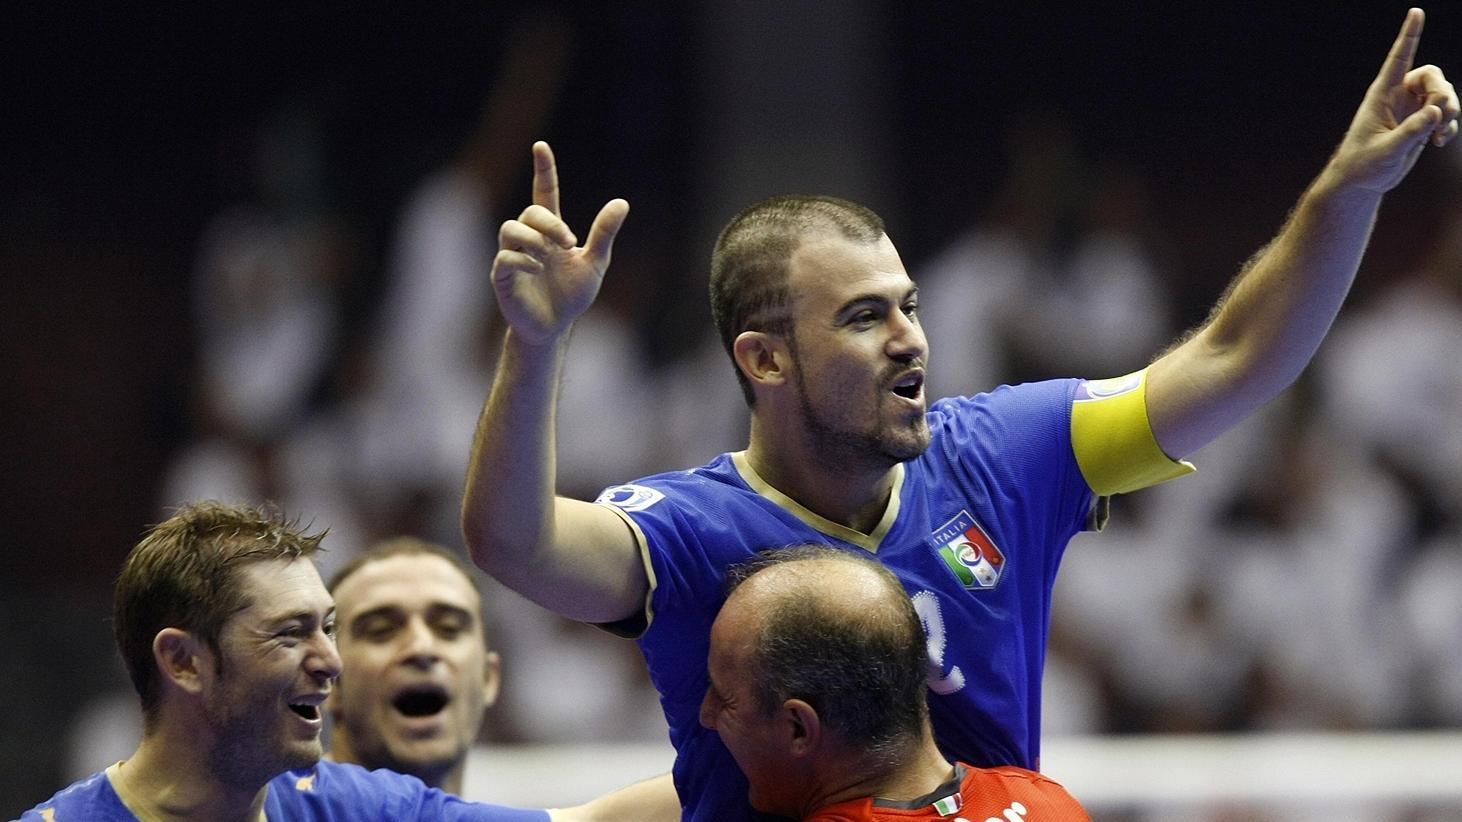 Campeonato do mundo de futsal